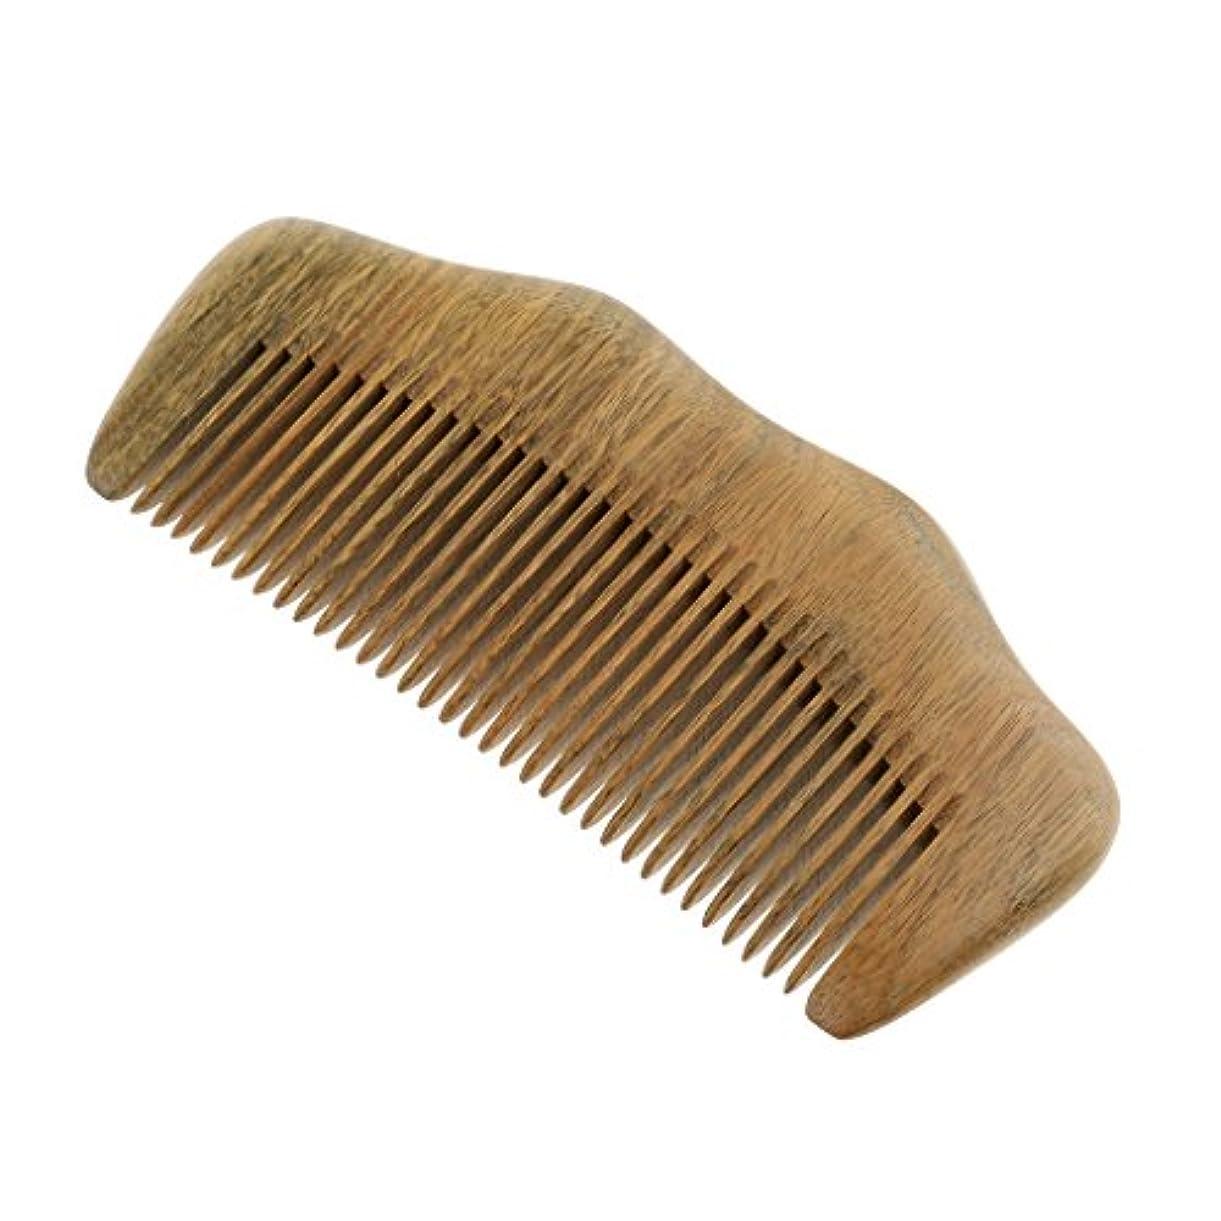 悪因子生きるロケットHomyl ウッド ヘアコーム ナチュラル 木製 ストレート マッサージ ファインティース 高品質